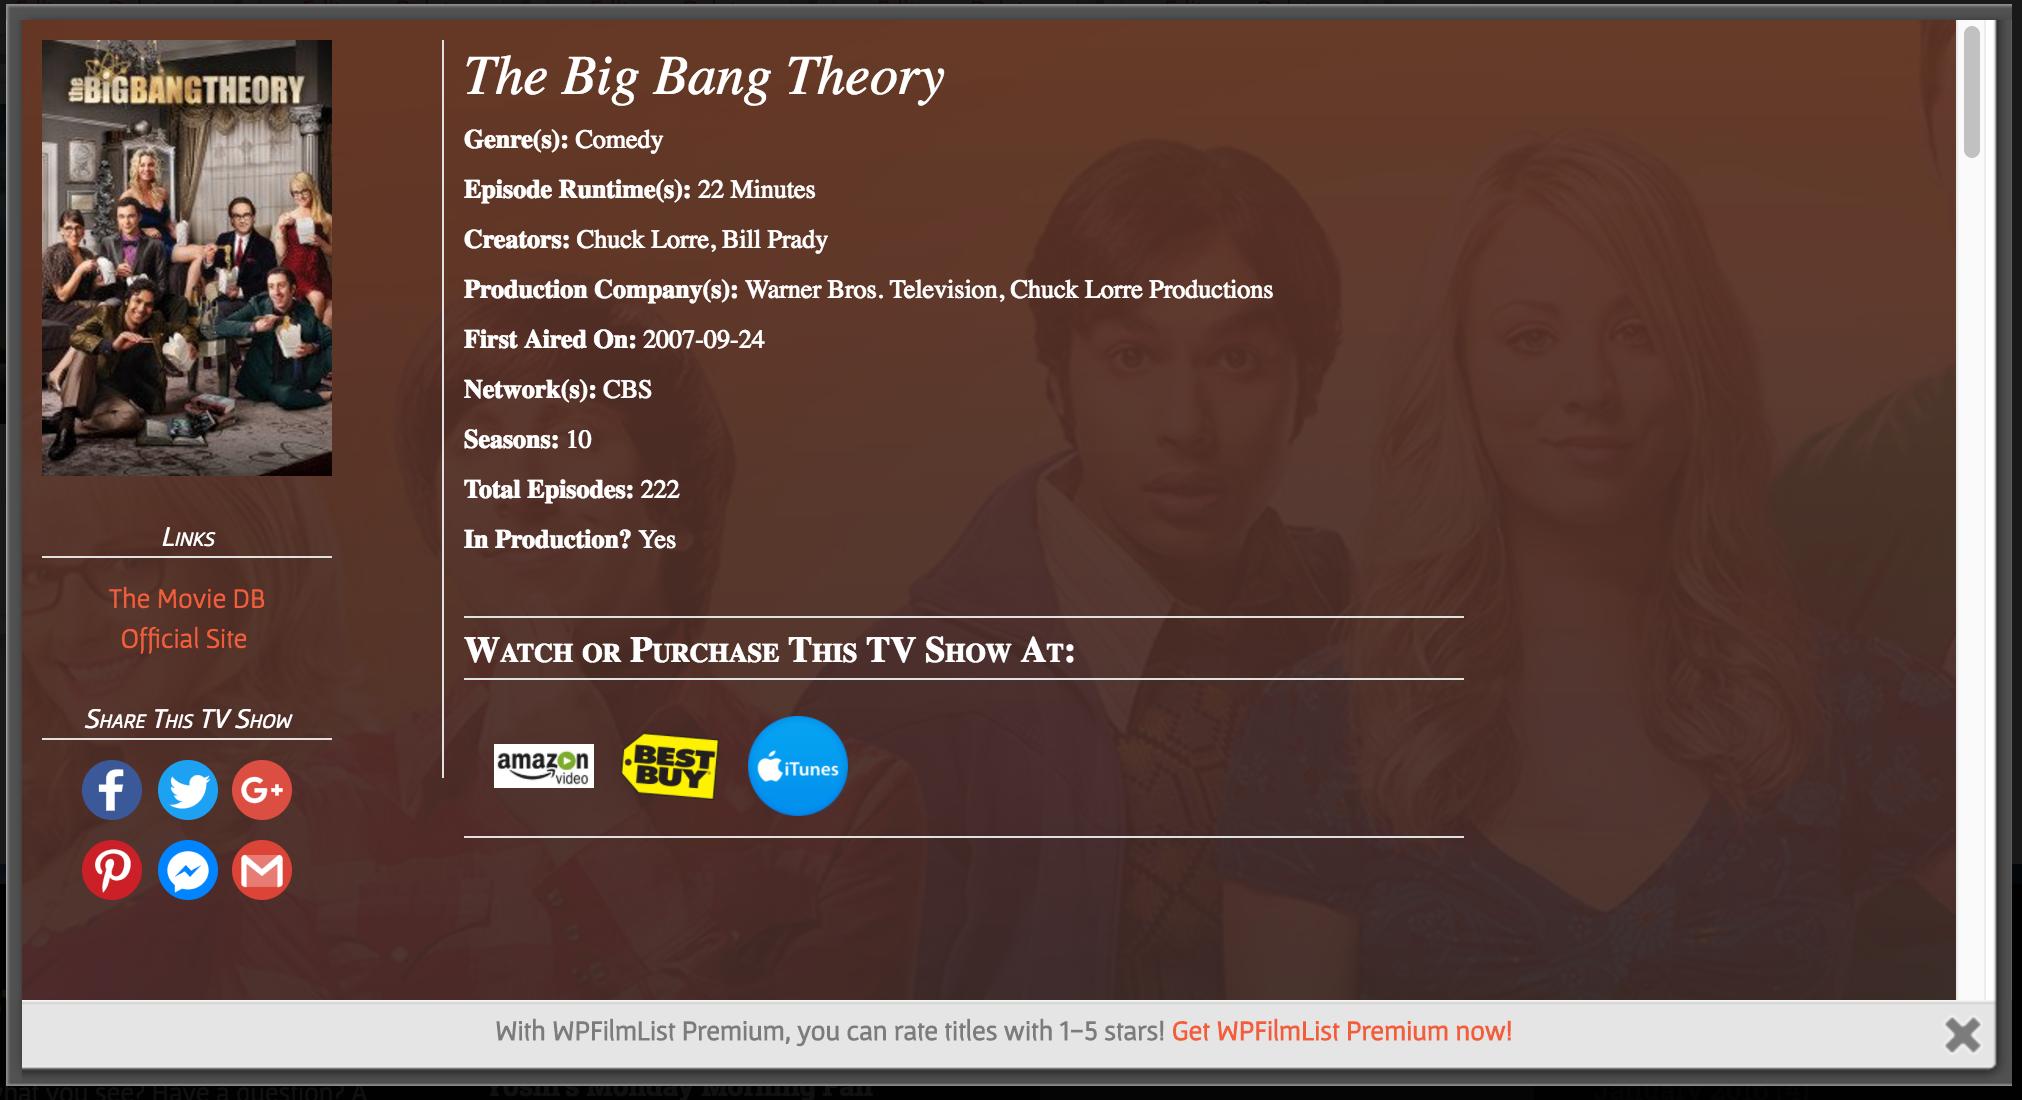 A screenshot of another entry, the TV Show '<em>The</em> <em>Big</em> <em>Bang</em> <em>Theory</em>'.